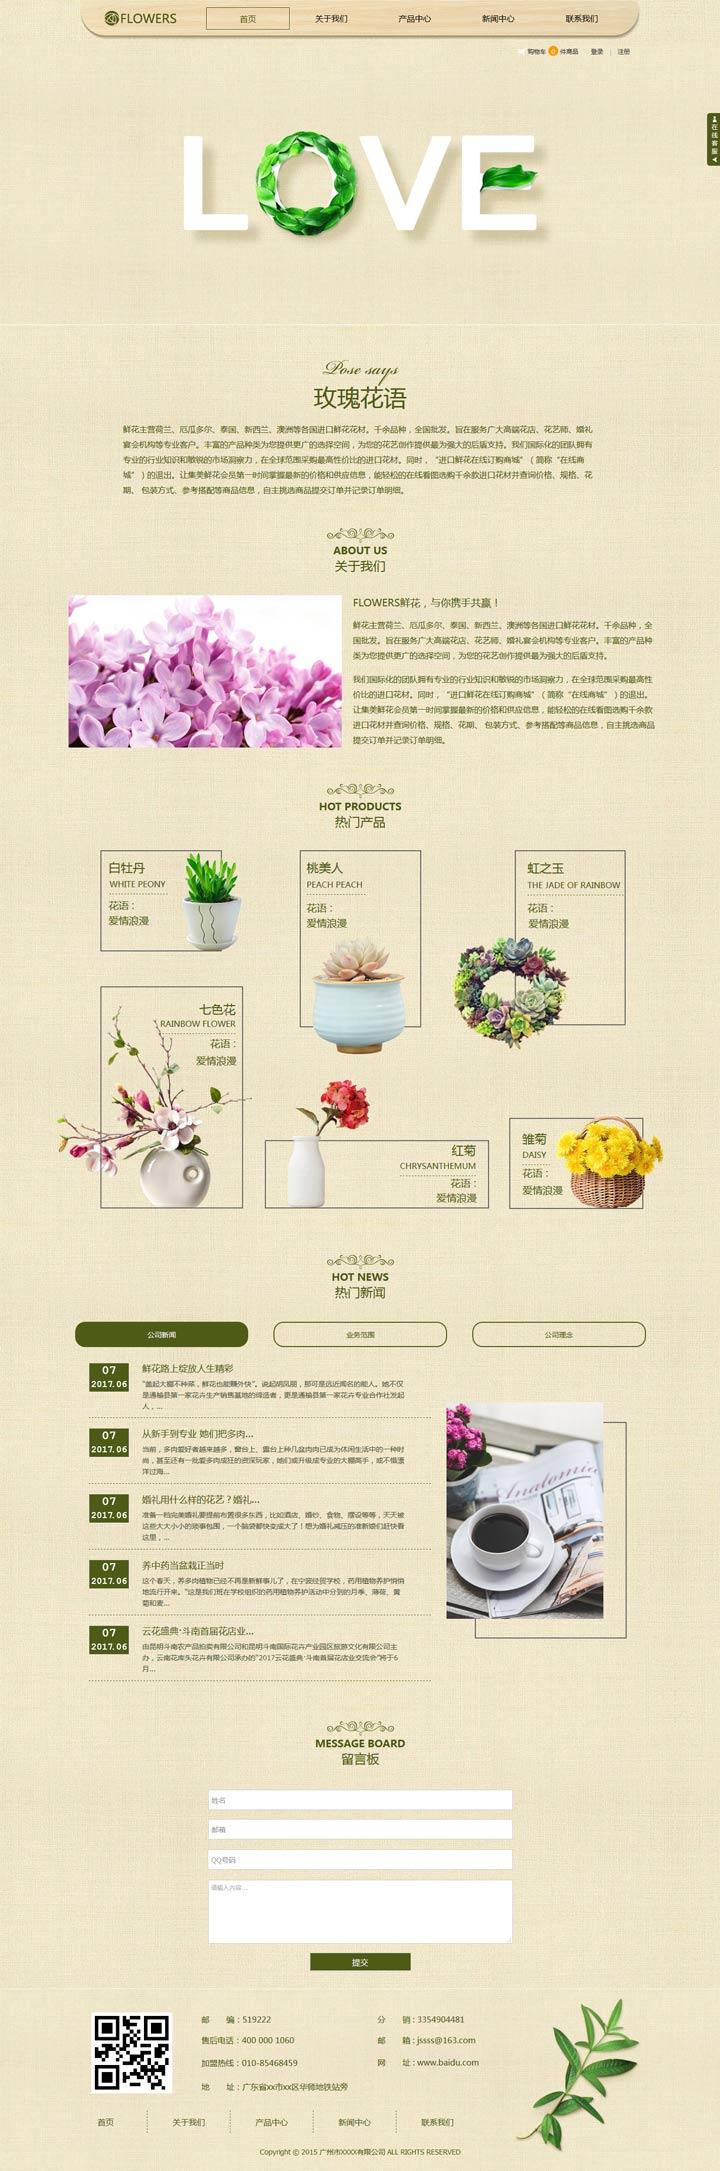 鲜花展示模板